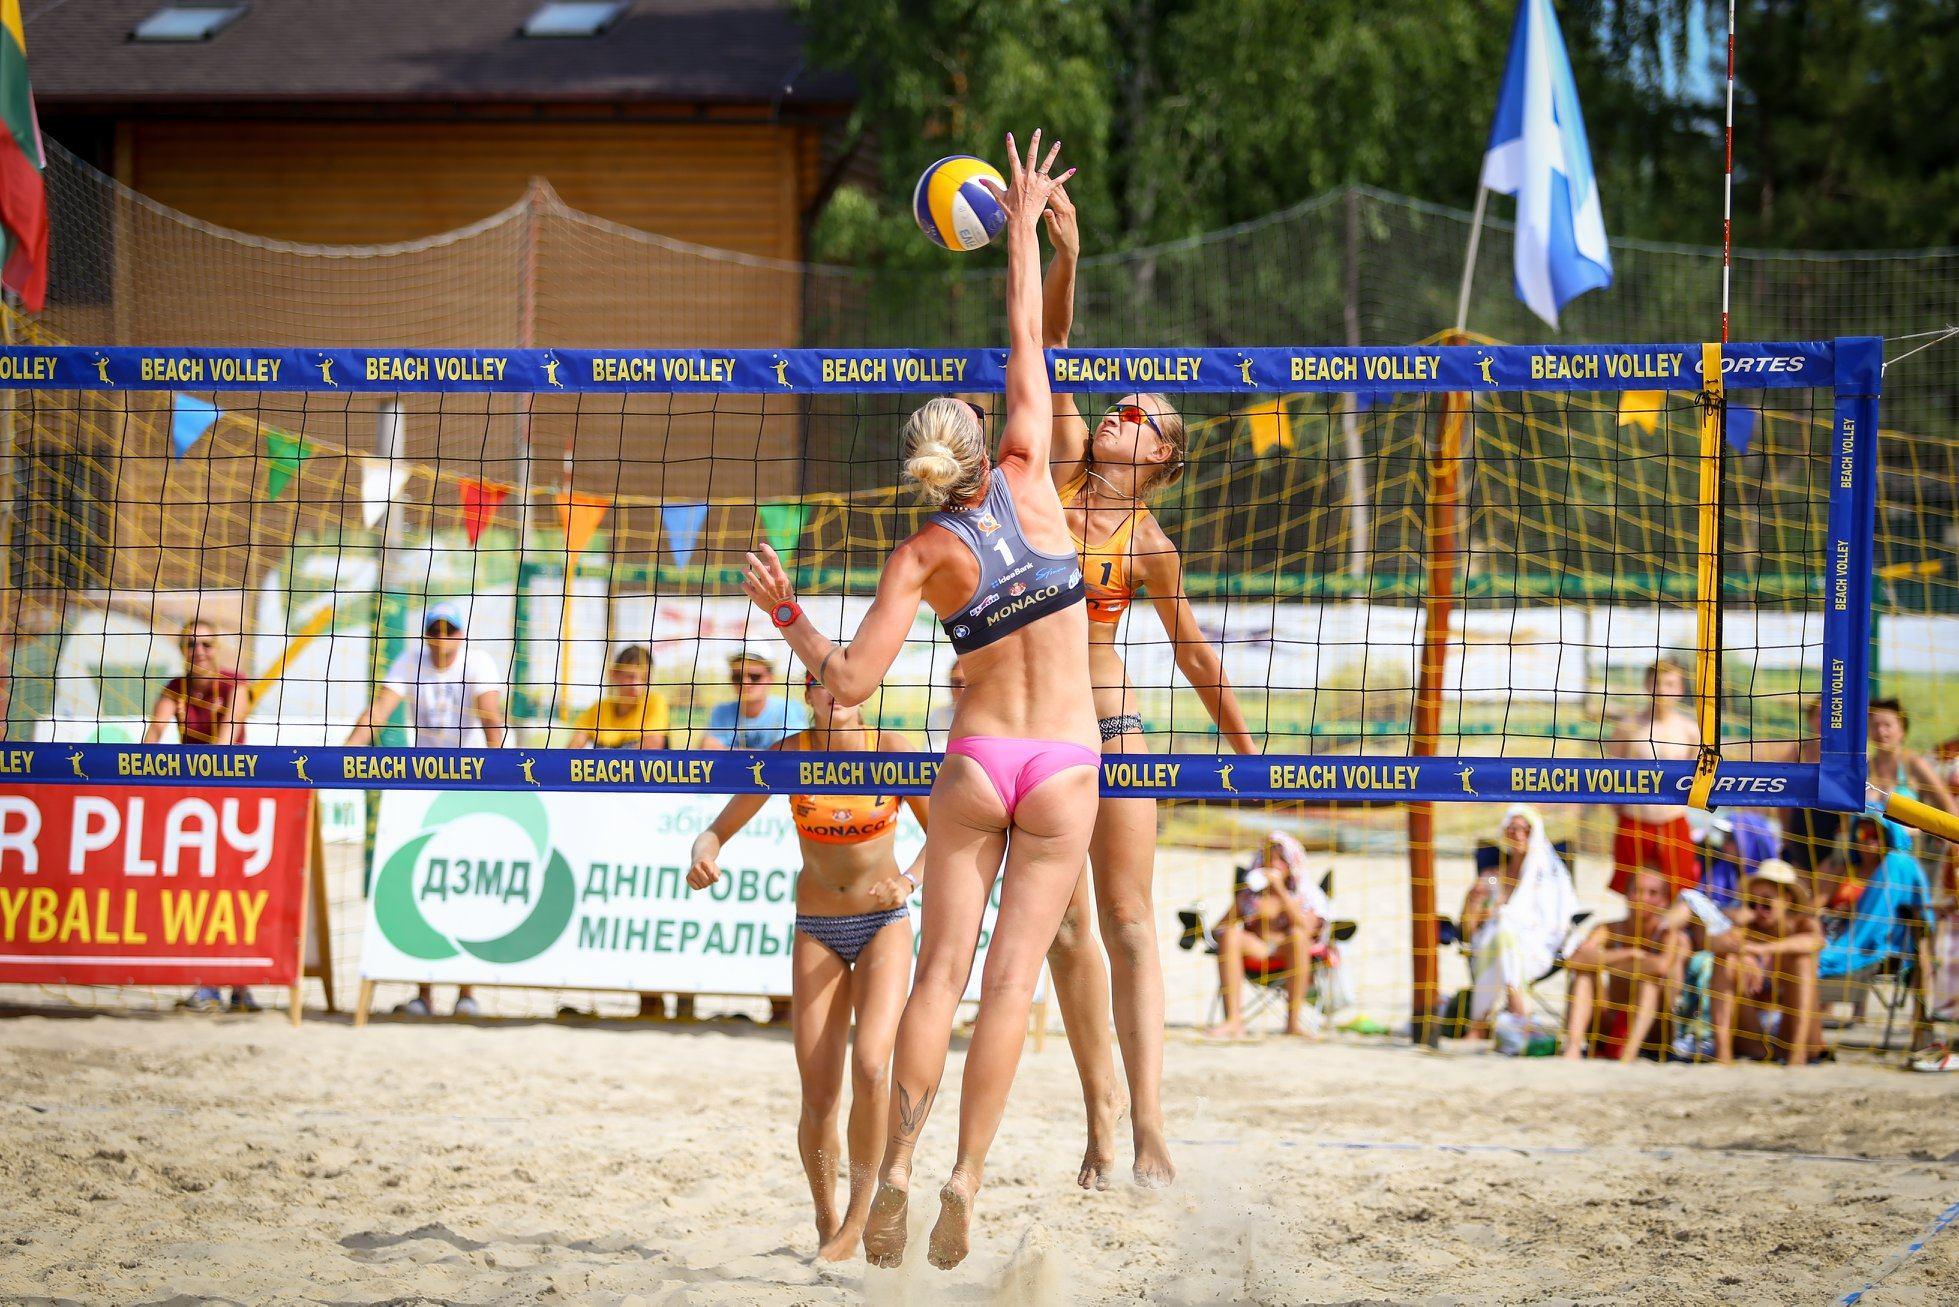 В Коробовом Хуторе состоялся турнир по пляжному волейболу (фото)